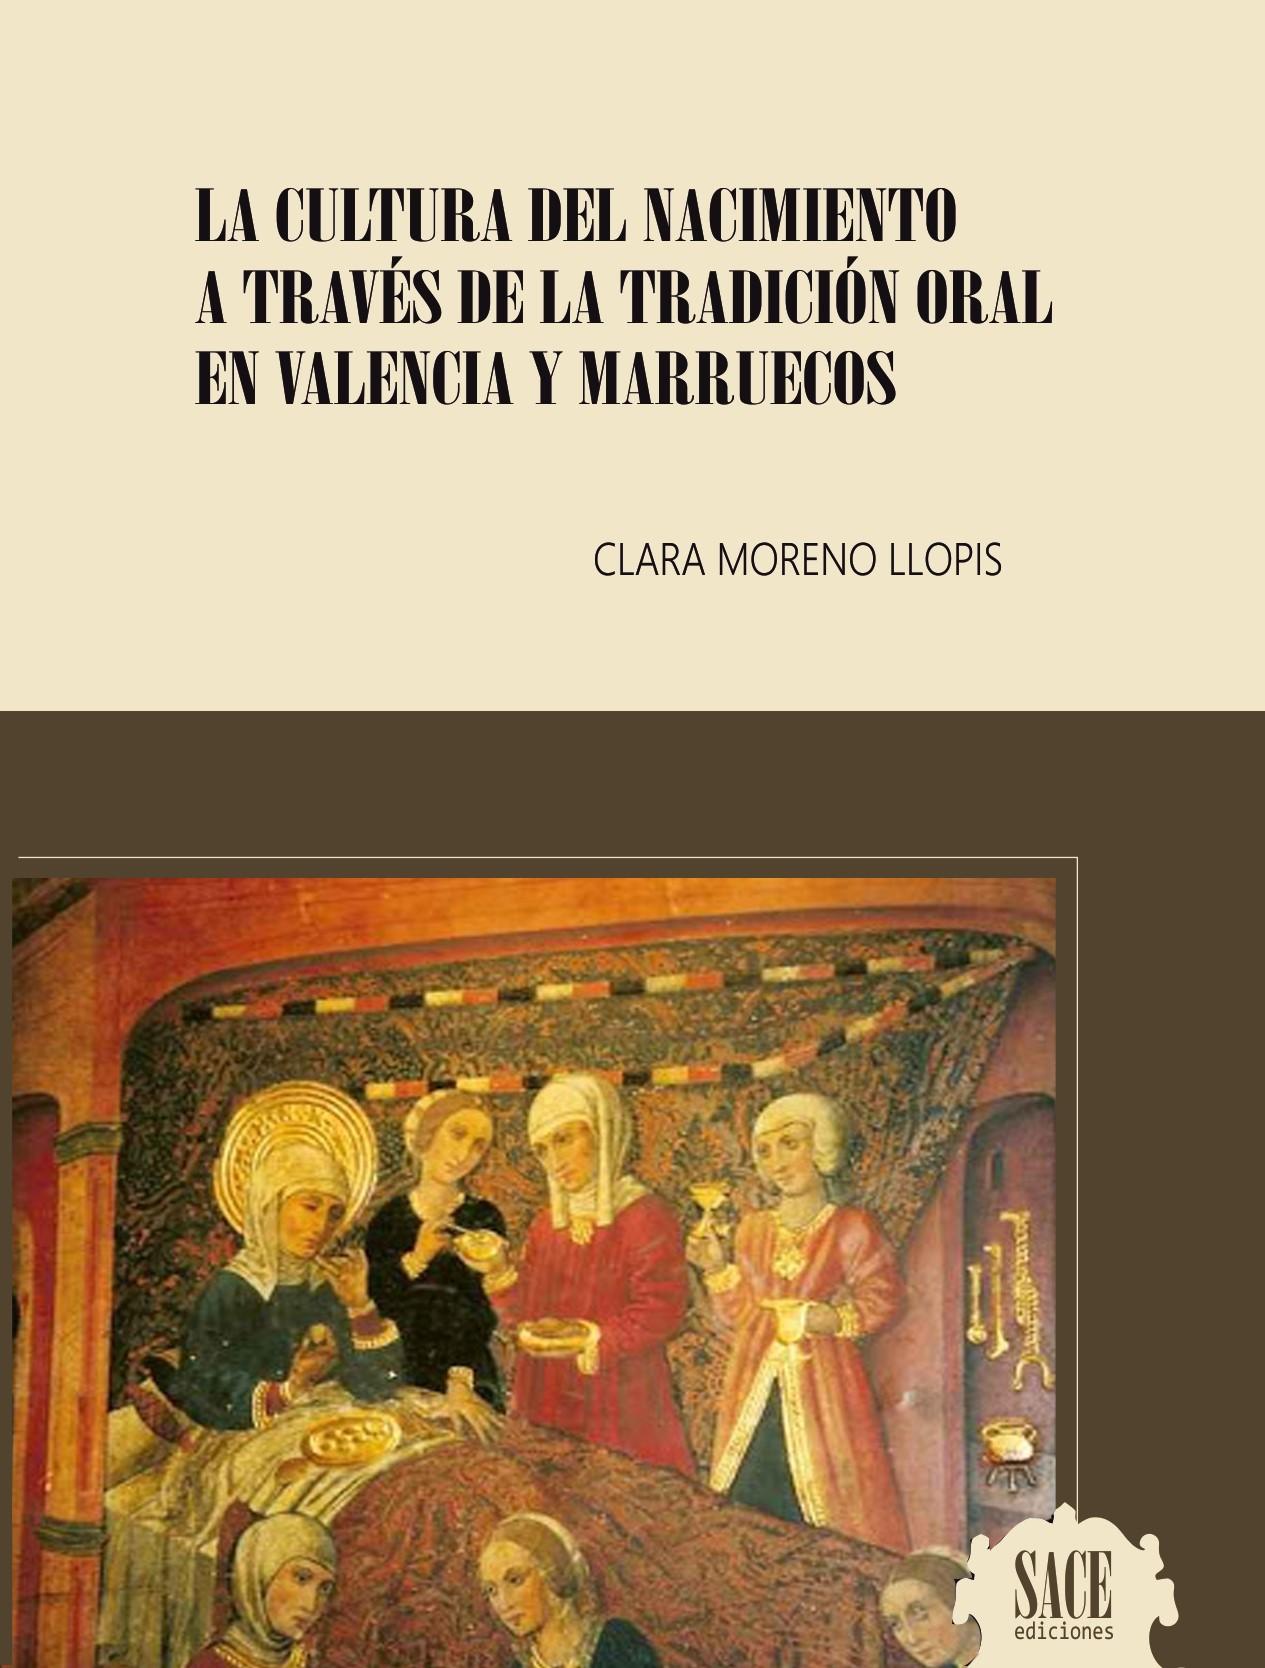 La cultura del Nacimiento a través de la tradición oral en Valencia y Marruecos